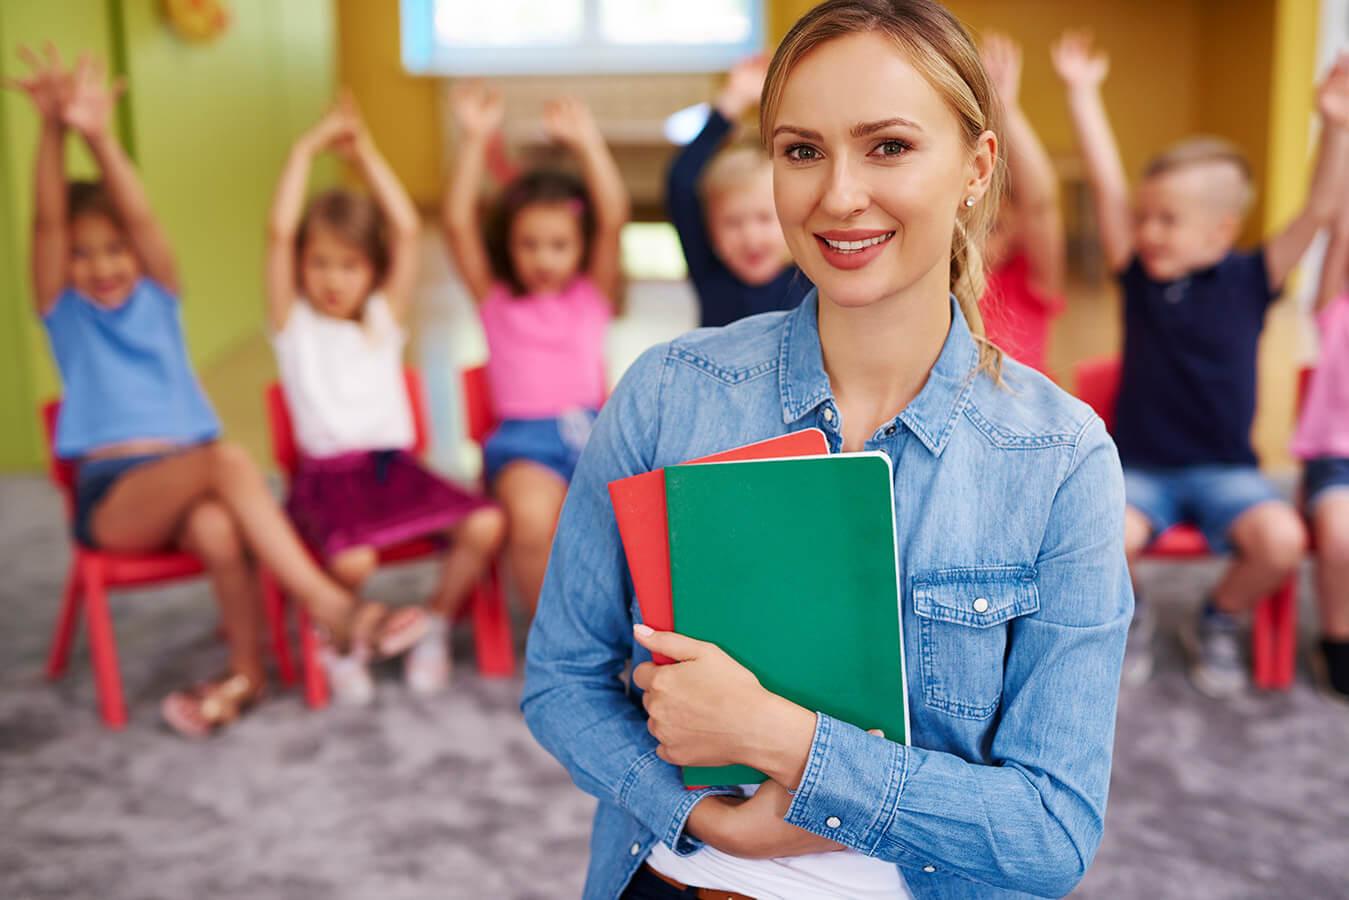 Krótkie przemówienie nauczyciela na zakończenie przedszkola – przykłady